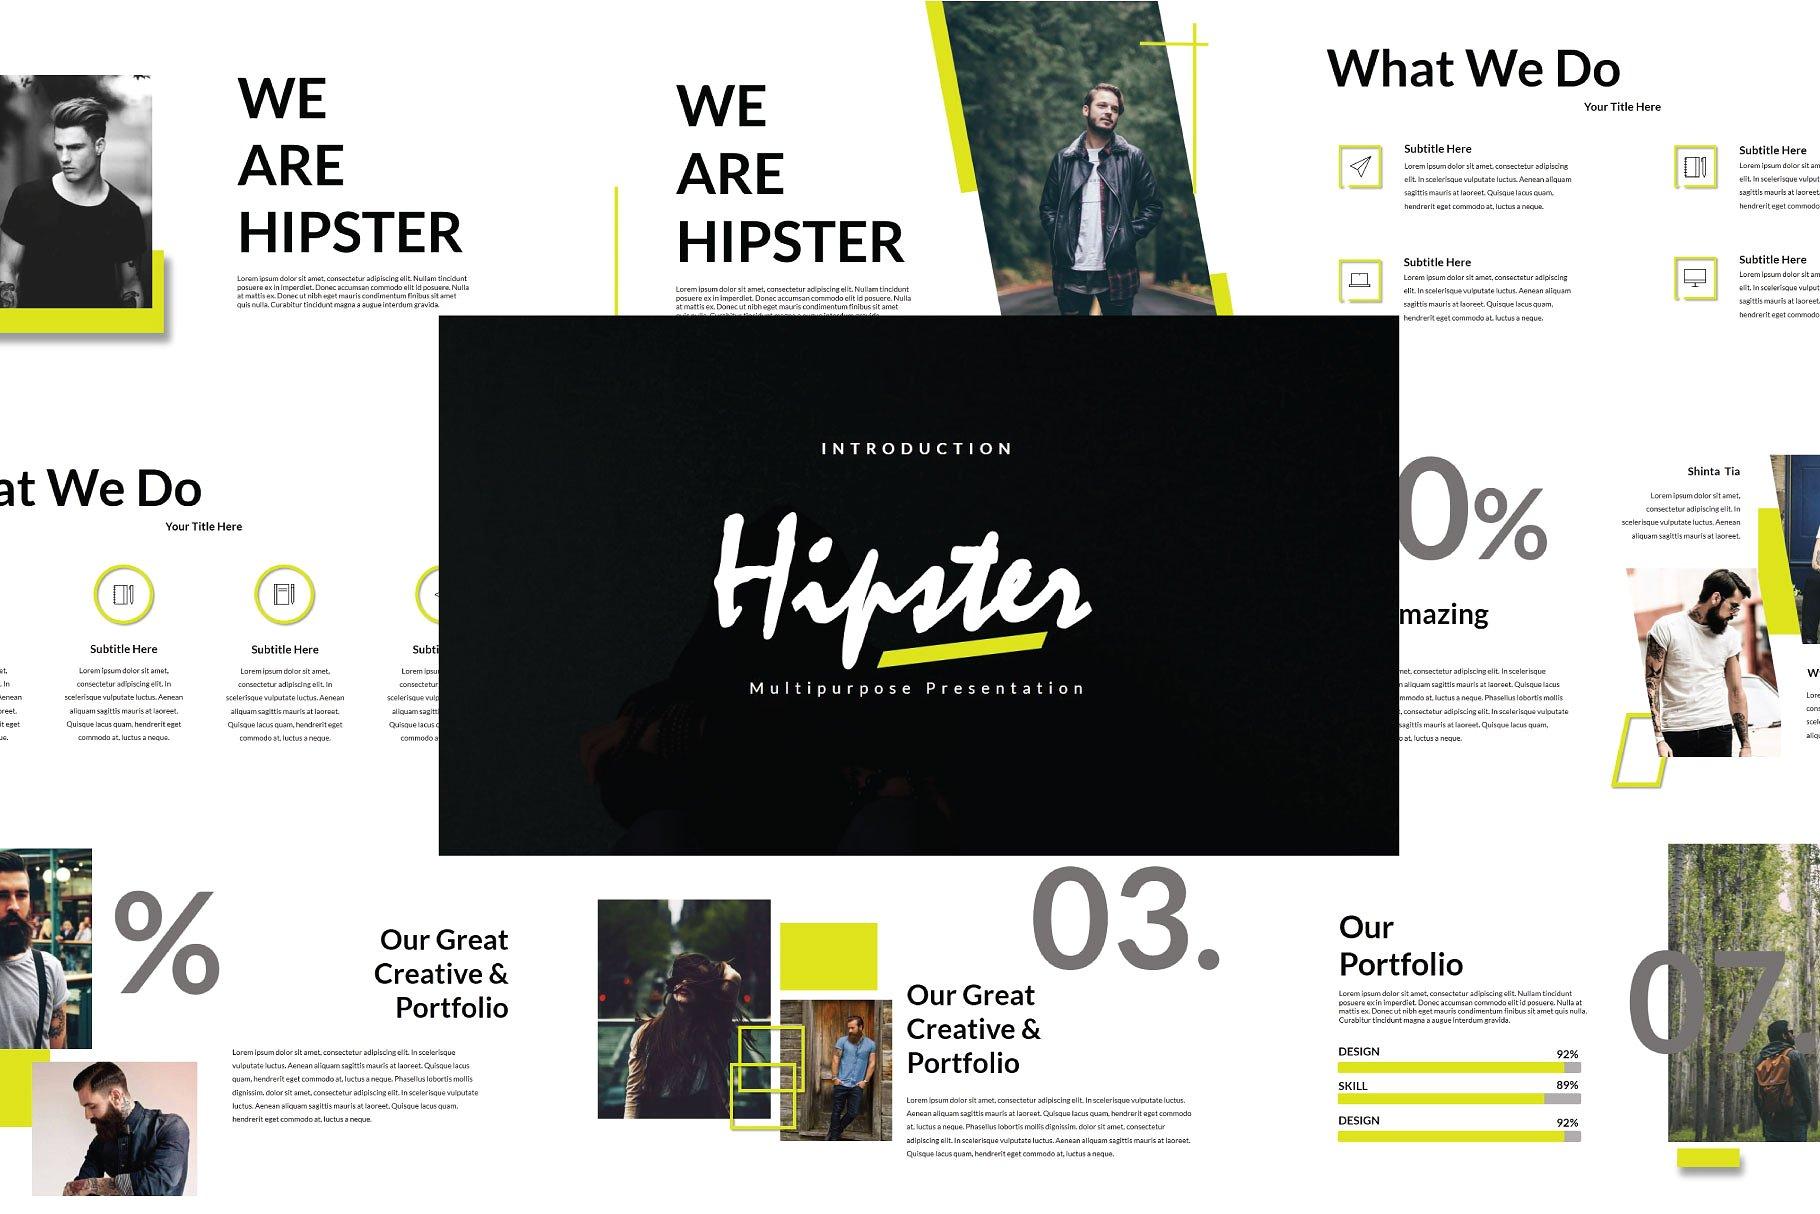 设计精美时髦优秀排版幻灯片演示模板[keynote]设计素材模板